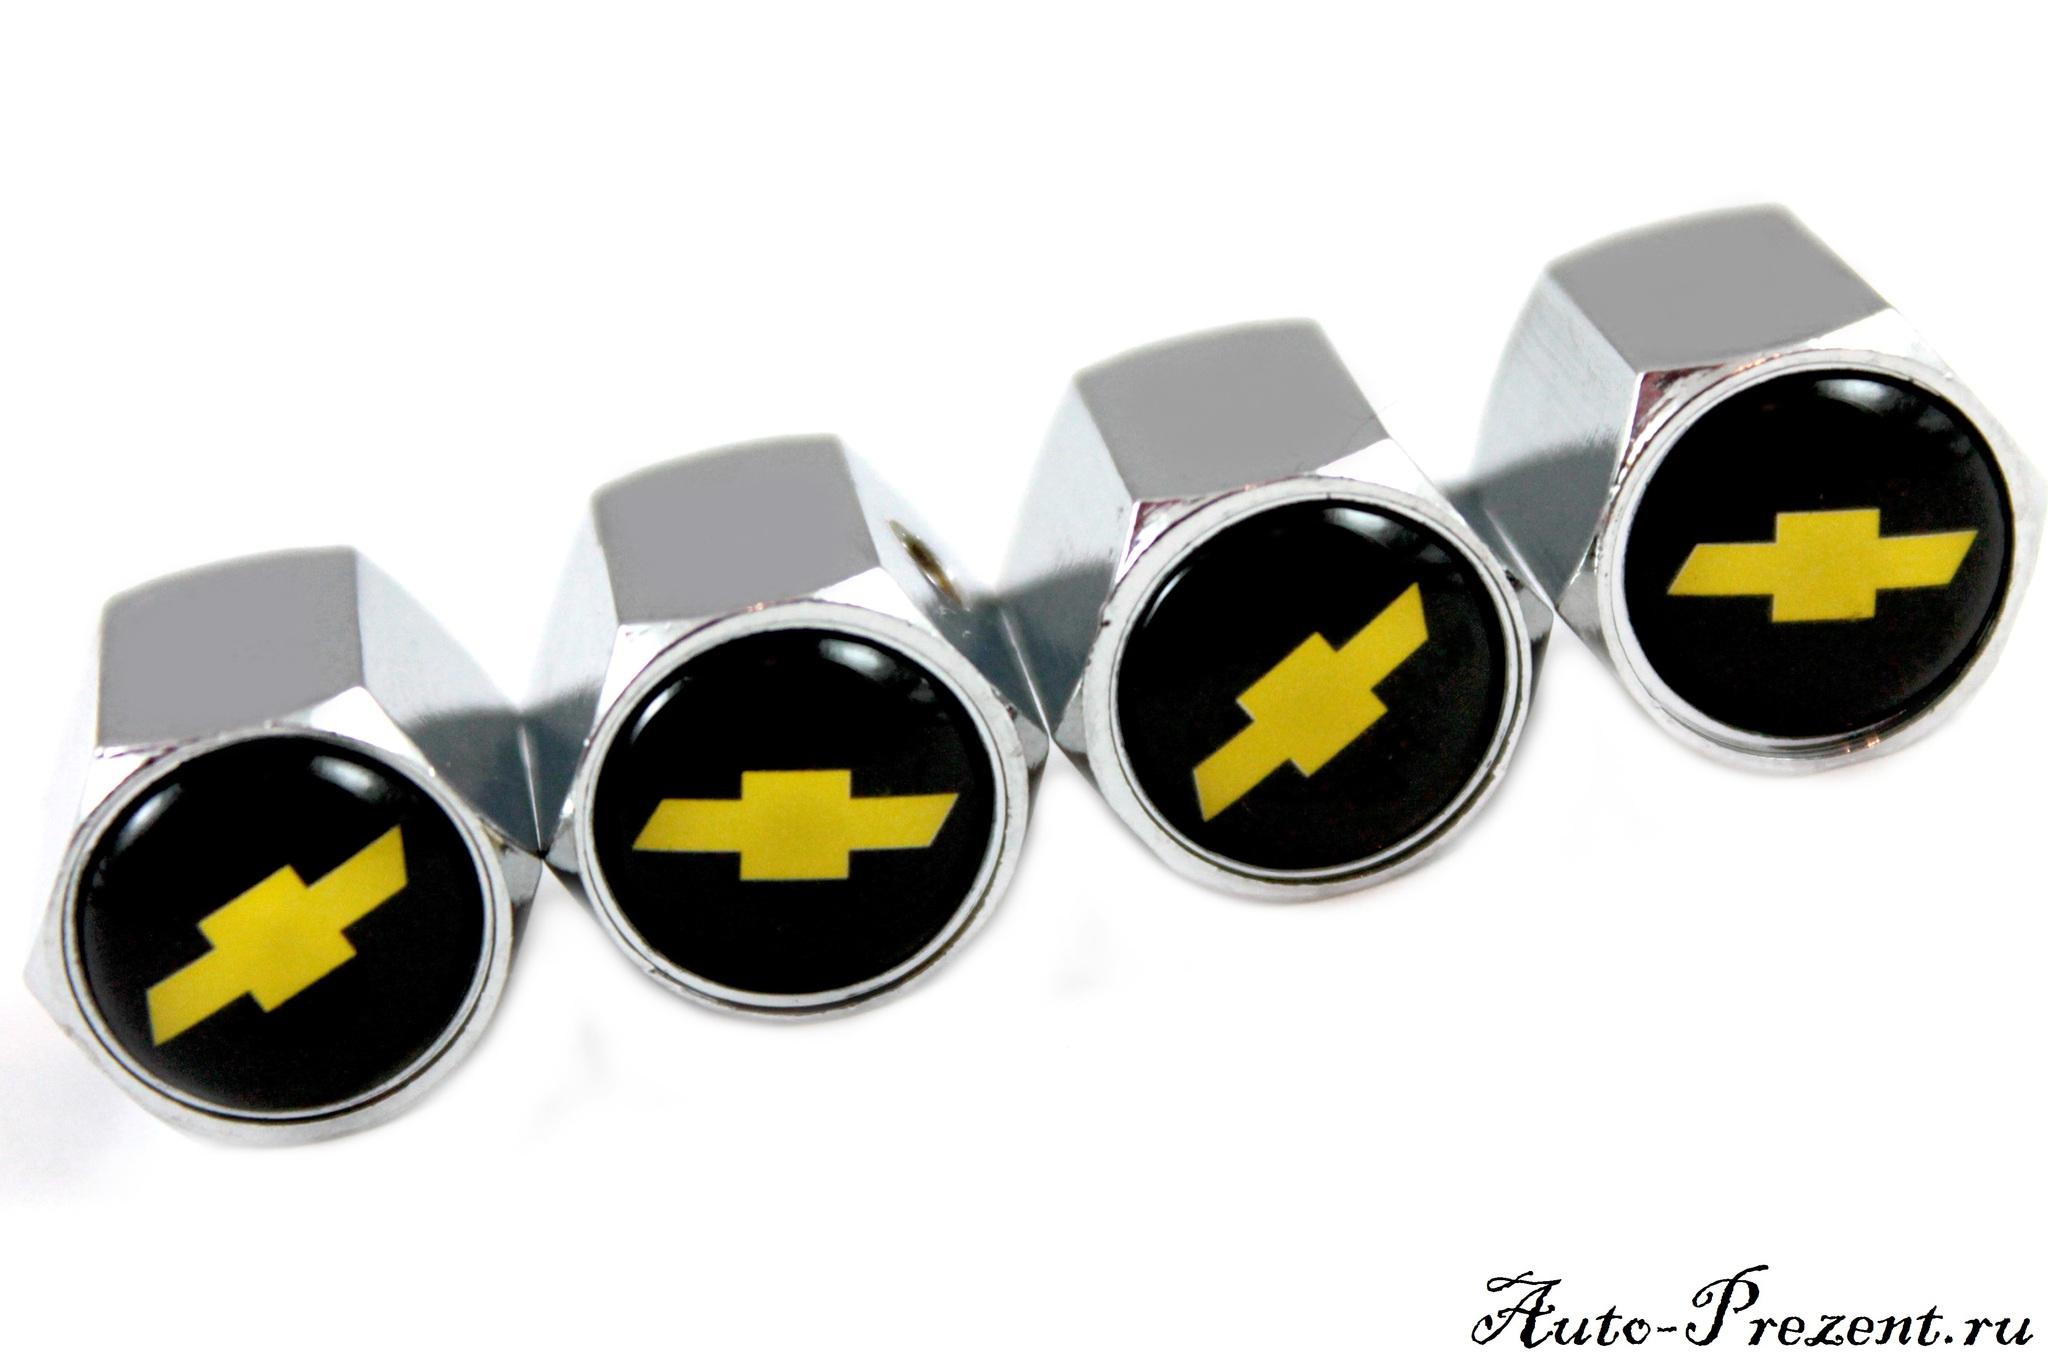 Колпачки на ниппель CHEVROLET с защитой от кражи